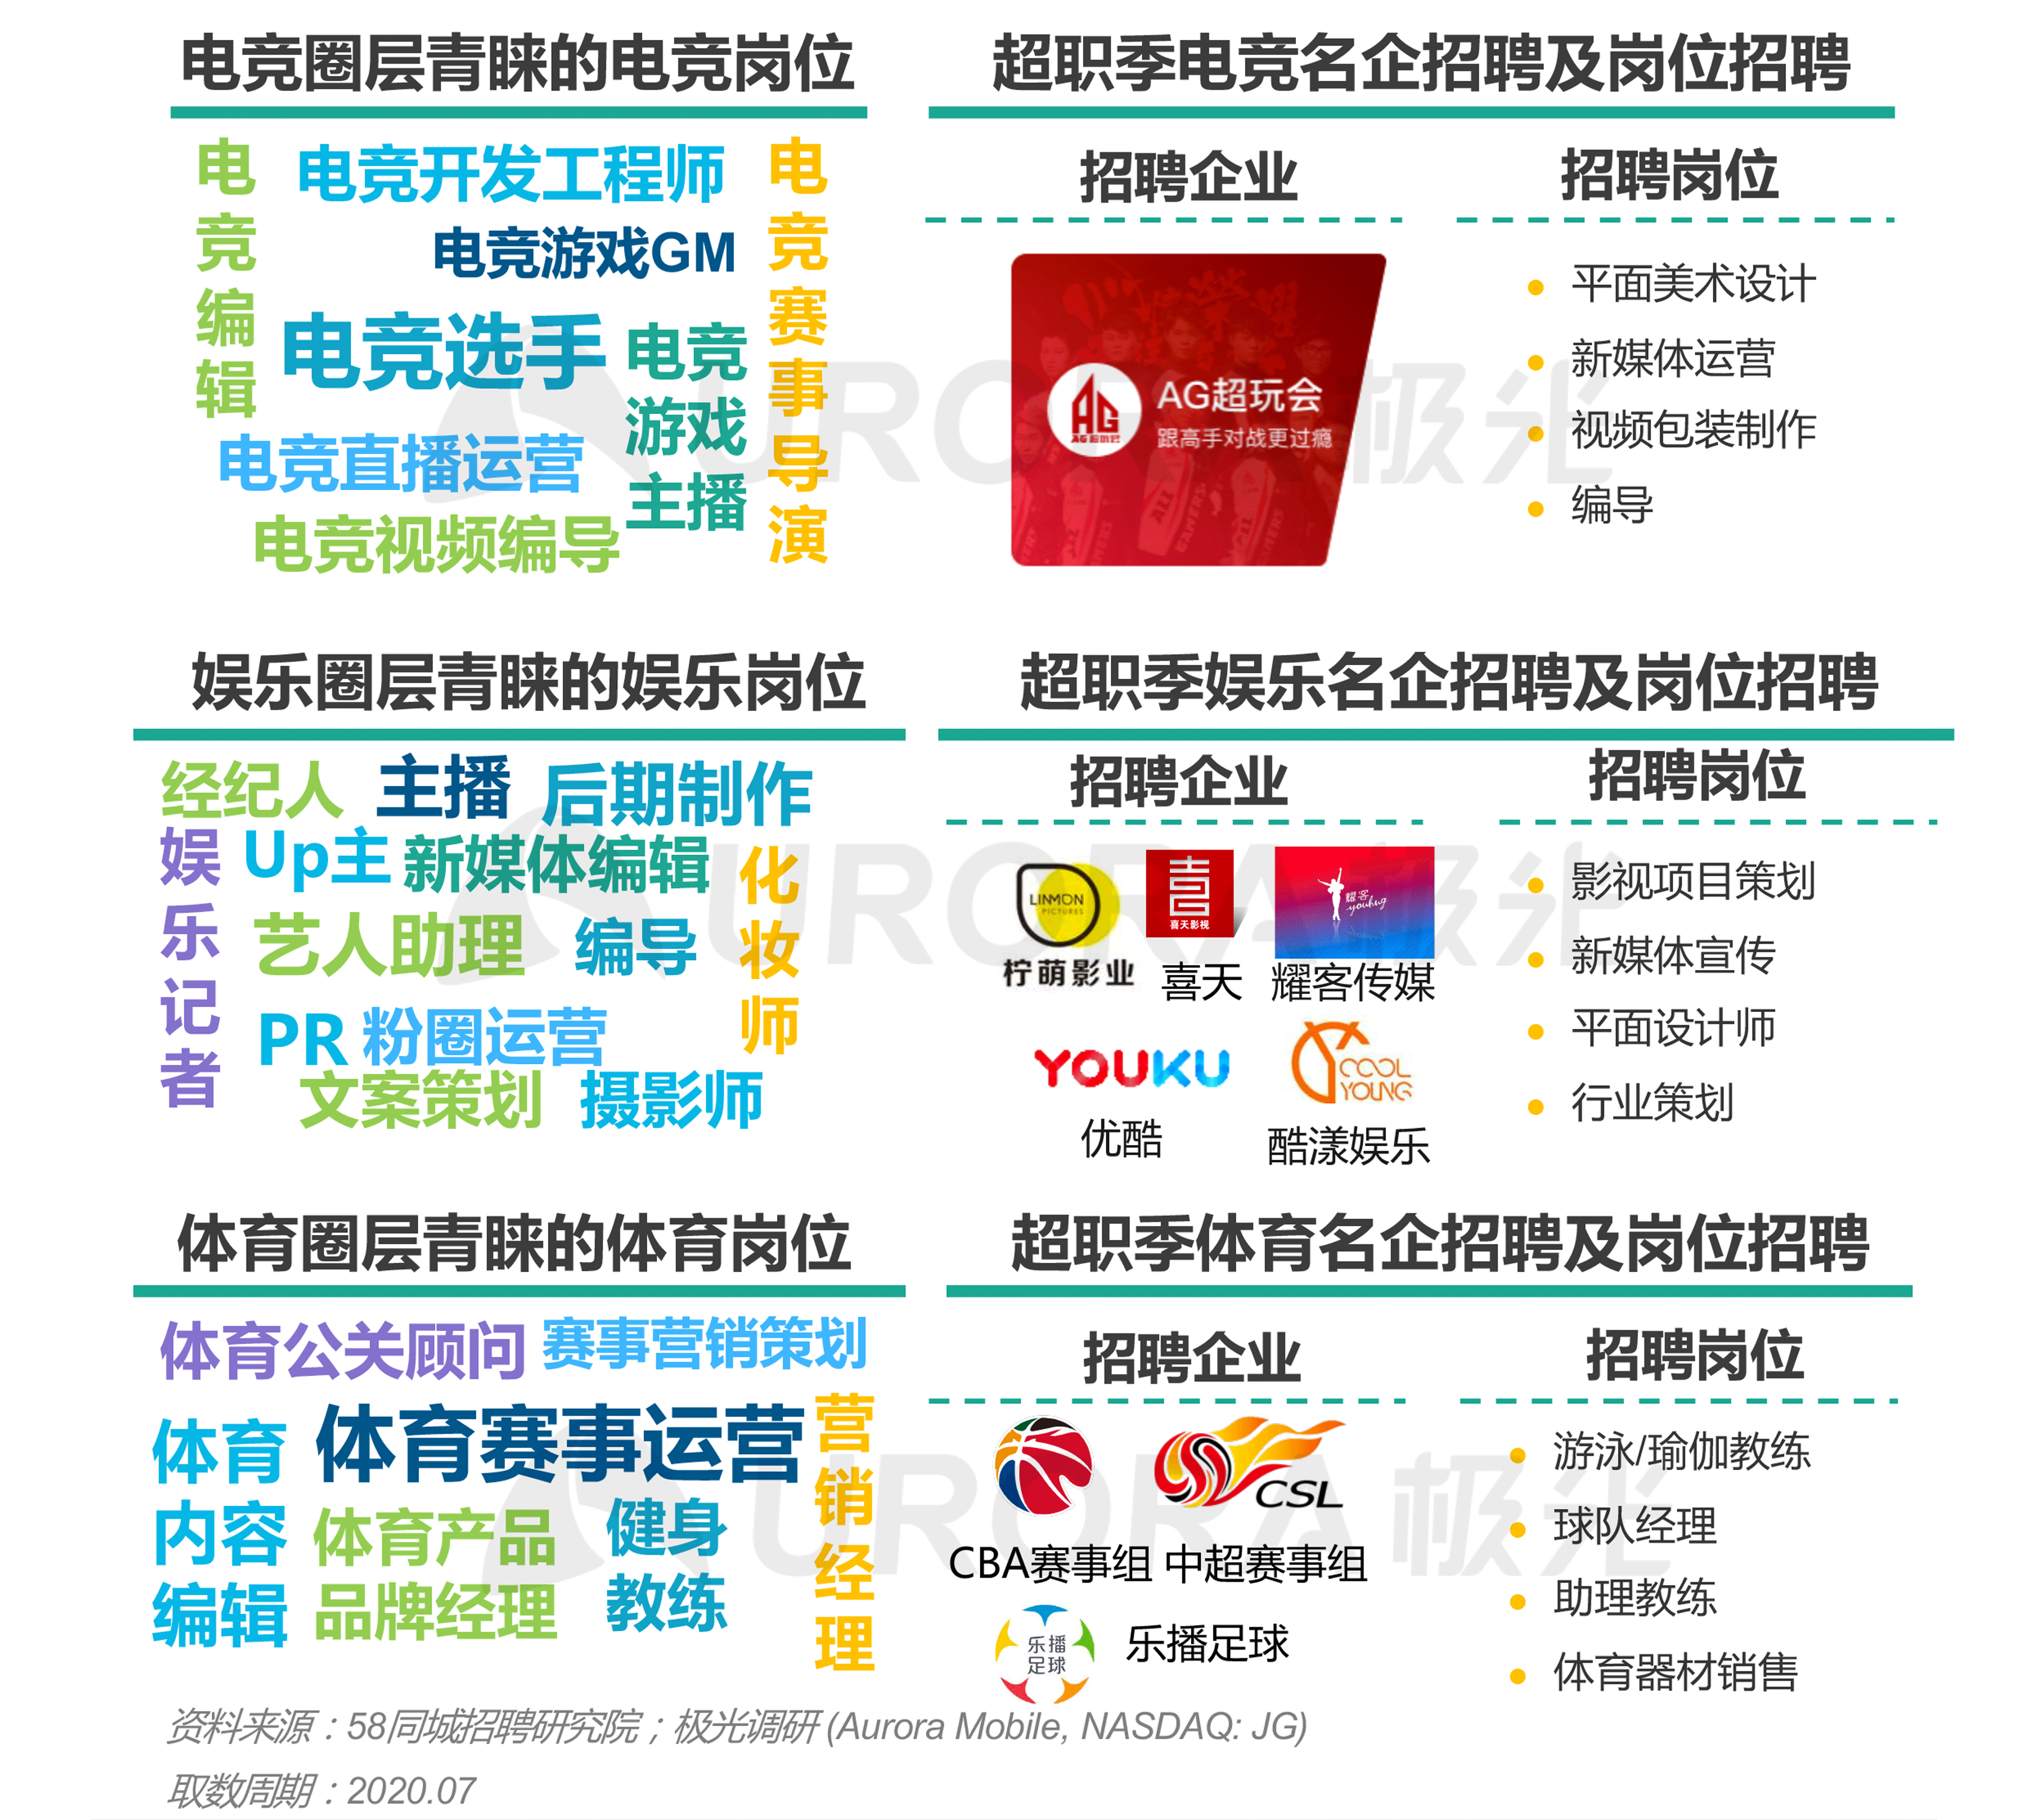 """""""超职季""""招聘行业报告-年轻人求职篇 (11).png"""